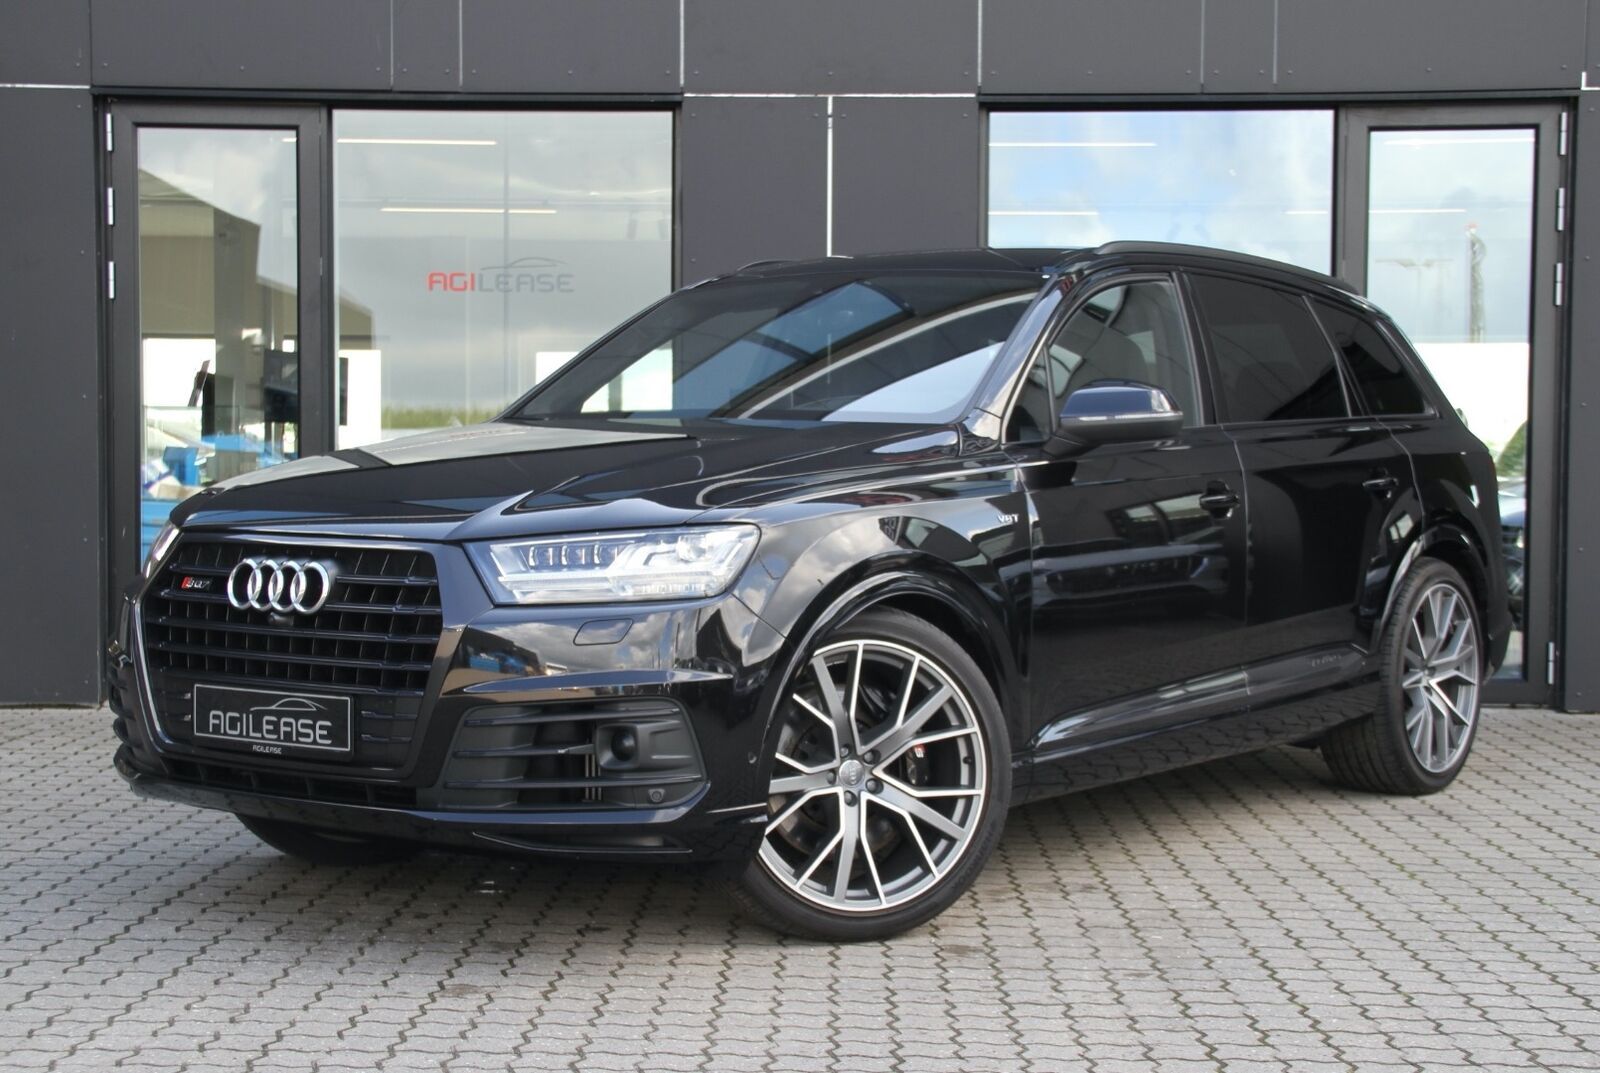 Audi SQ7 4,0 TDi quattro Tiptr. 5d - 11.800 kr.